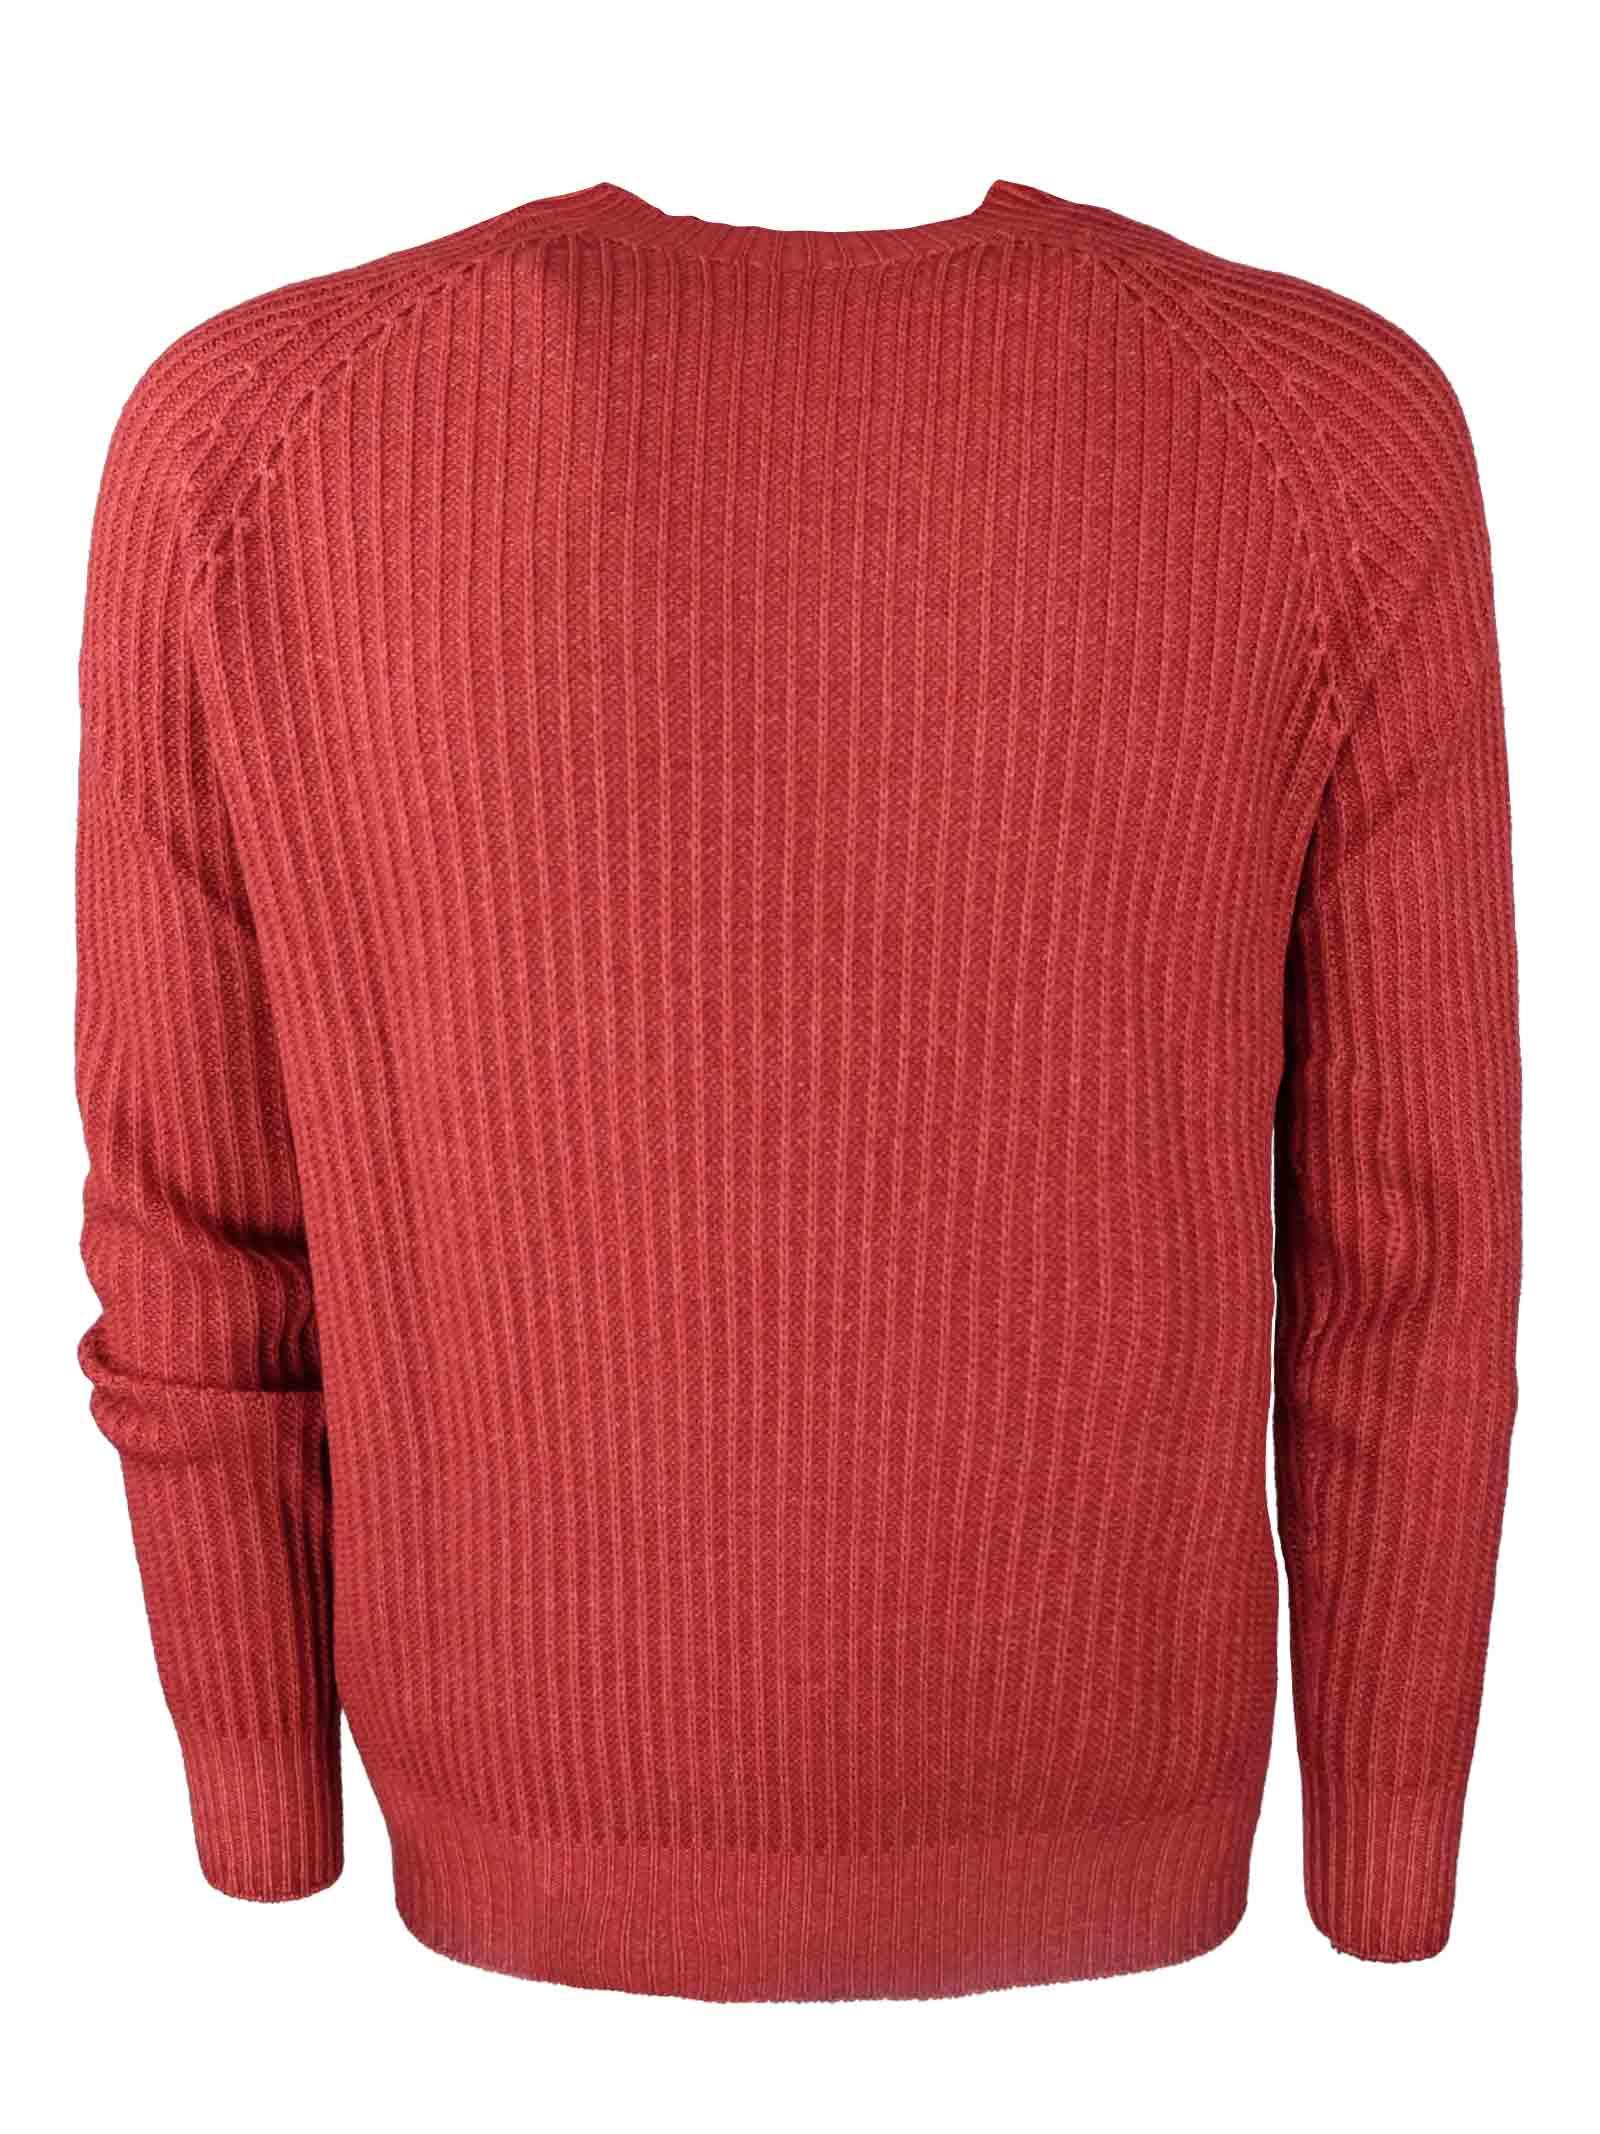 Pullover girocollo in lana merino H953 | Maglieria | 294250